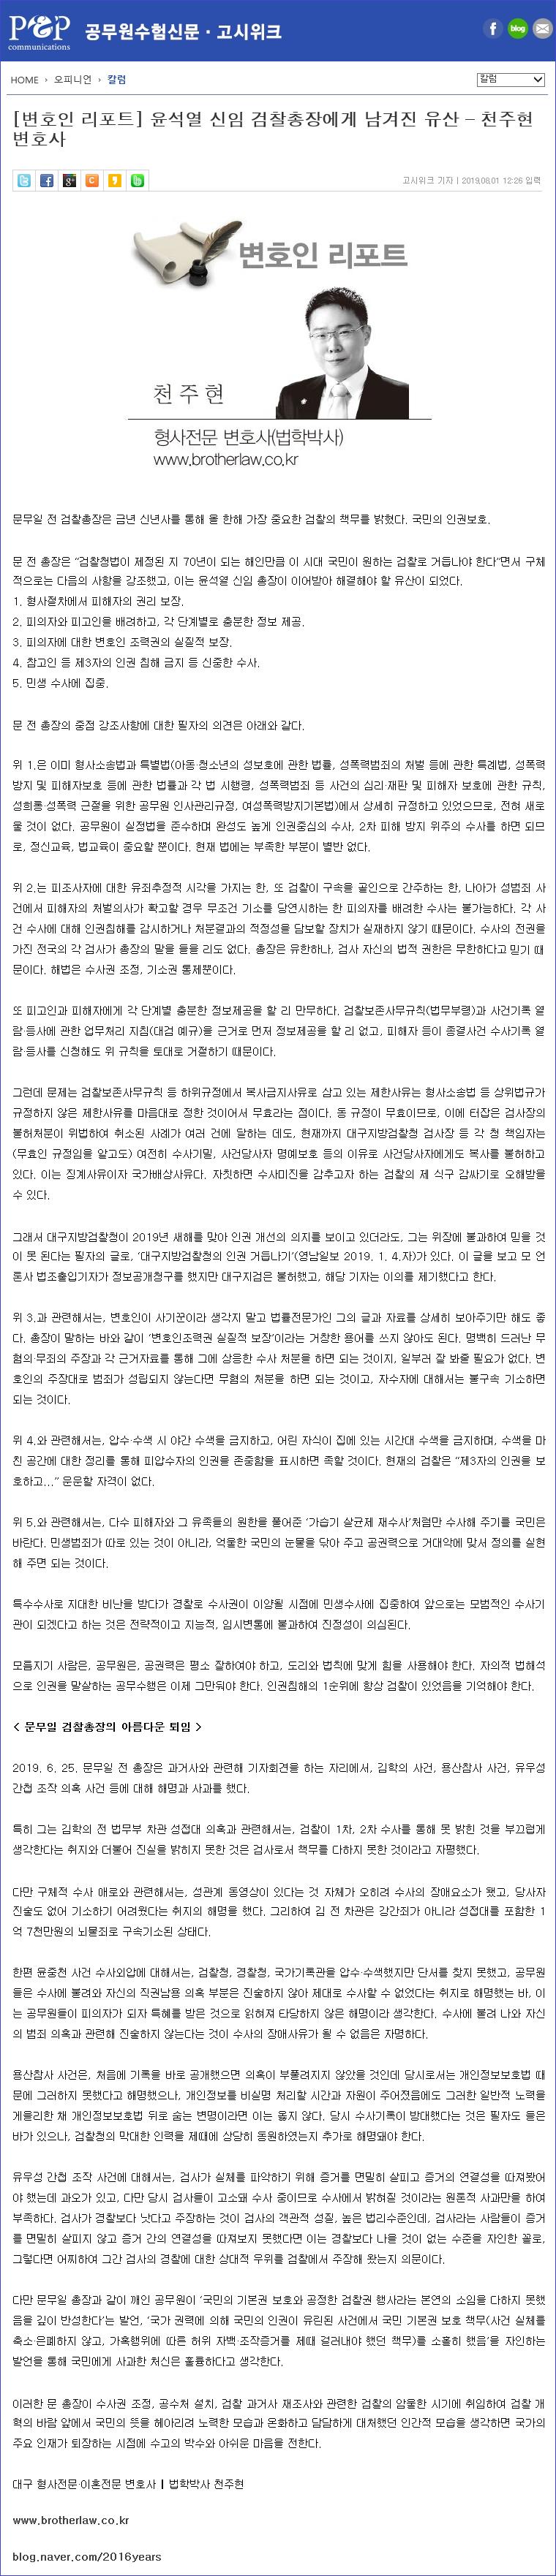 190801-온라인 기사(윤석열 신임 검찰총장에게 남겨진 유산)-블로그용.png